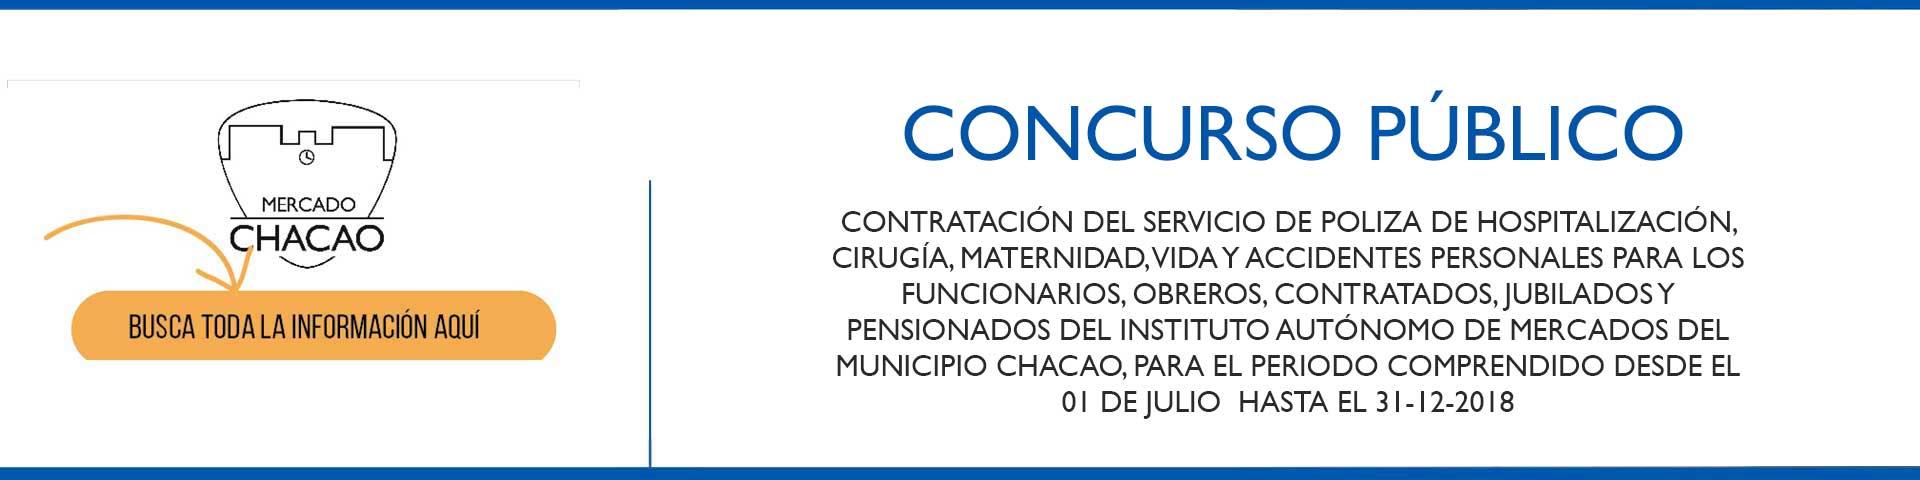 CONCURSO-ABIERTO-N°IAMMCH-CCP-CA-2018-005